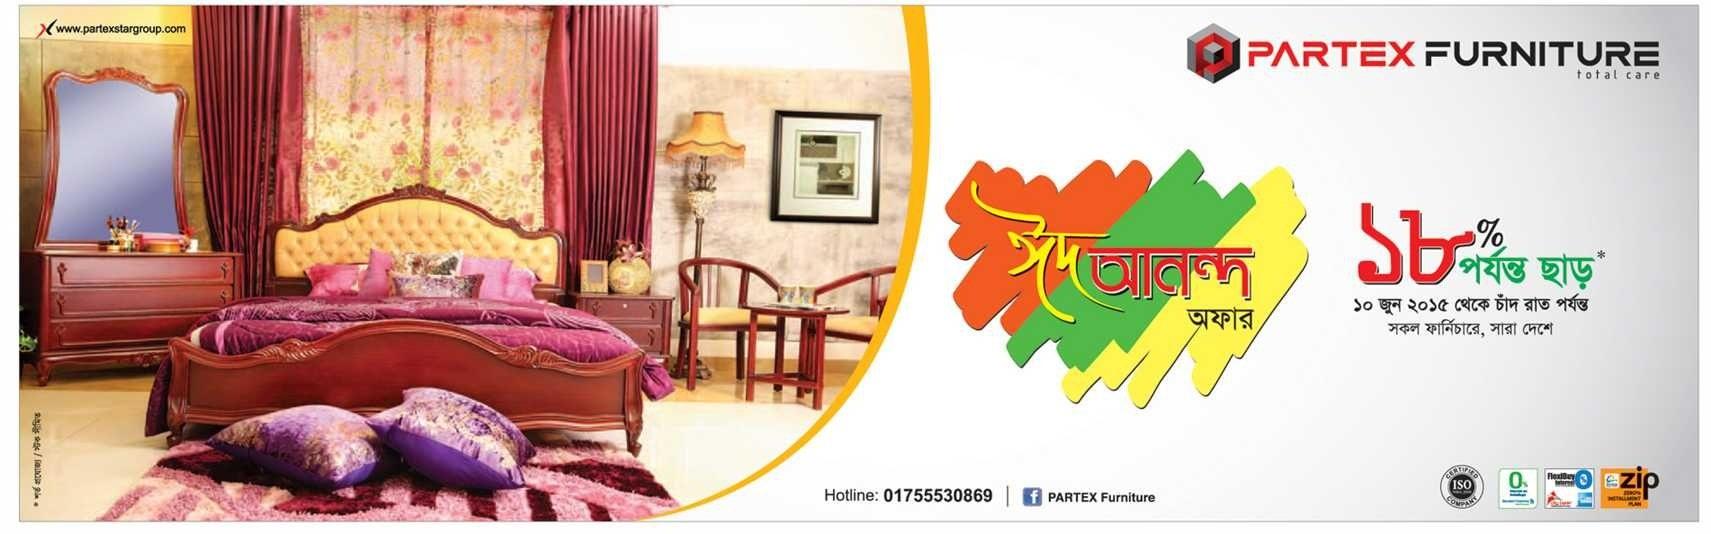 Partex Furniture Offer 18Percent